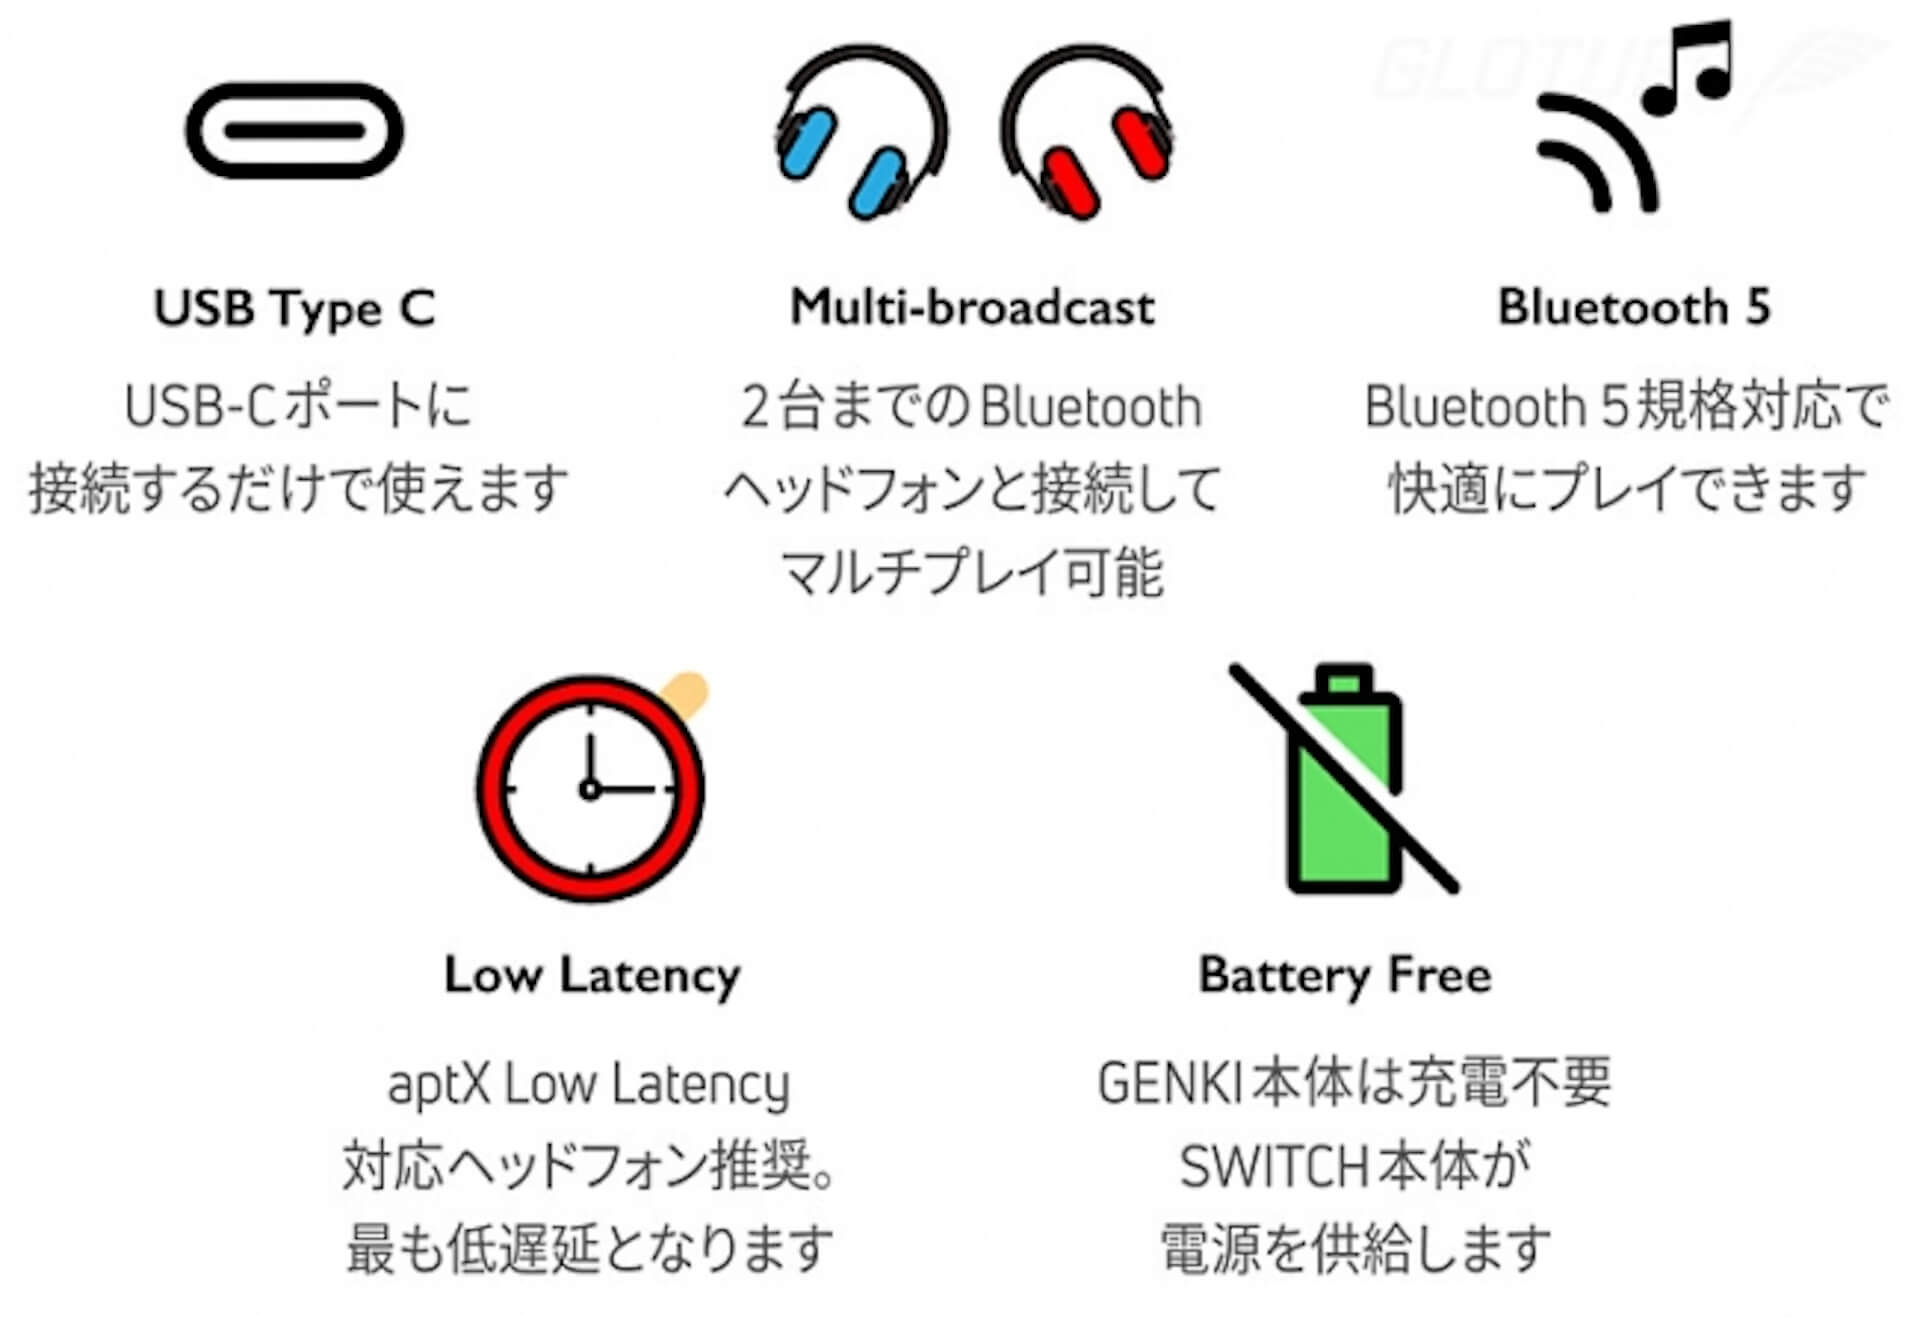 Nintendo Switchをワイヤレスイヤホン/スピーカーで楽しもう!Bluetooth対応アダプタ「Genki」がGlotureで発売中 tech200414_nintendoswitch_2